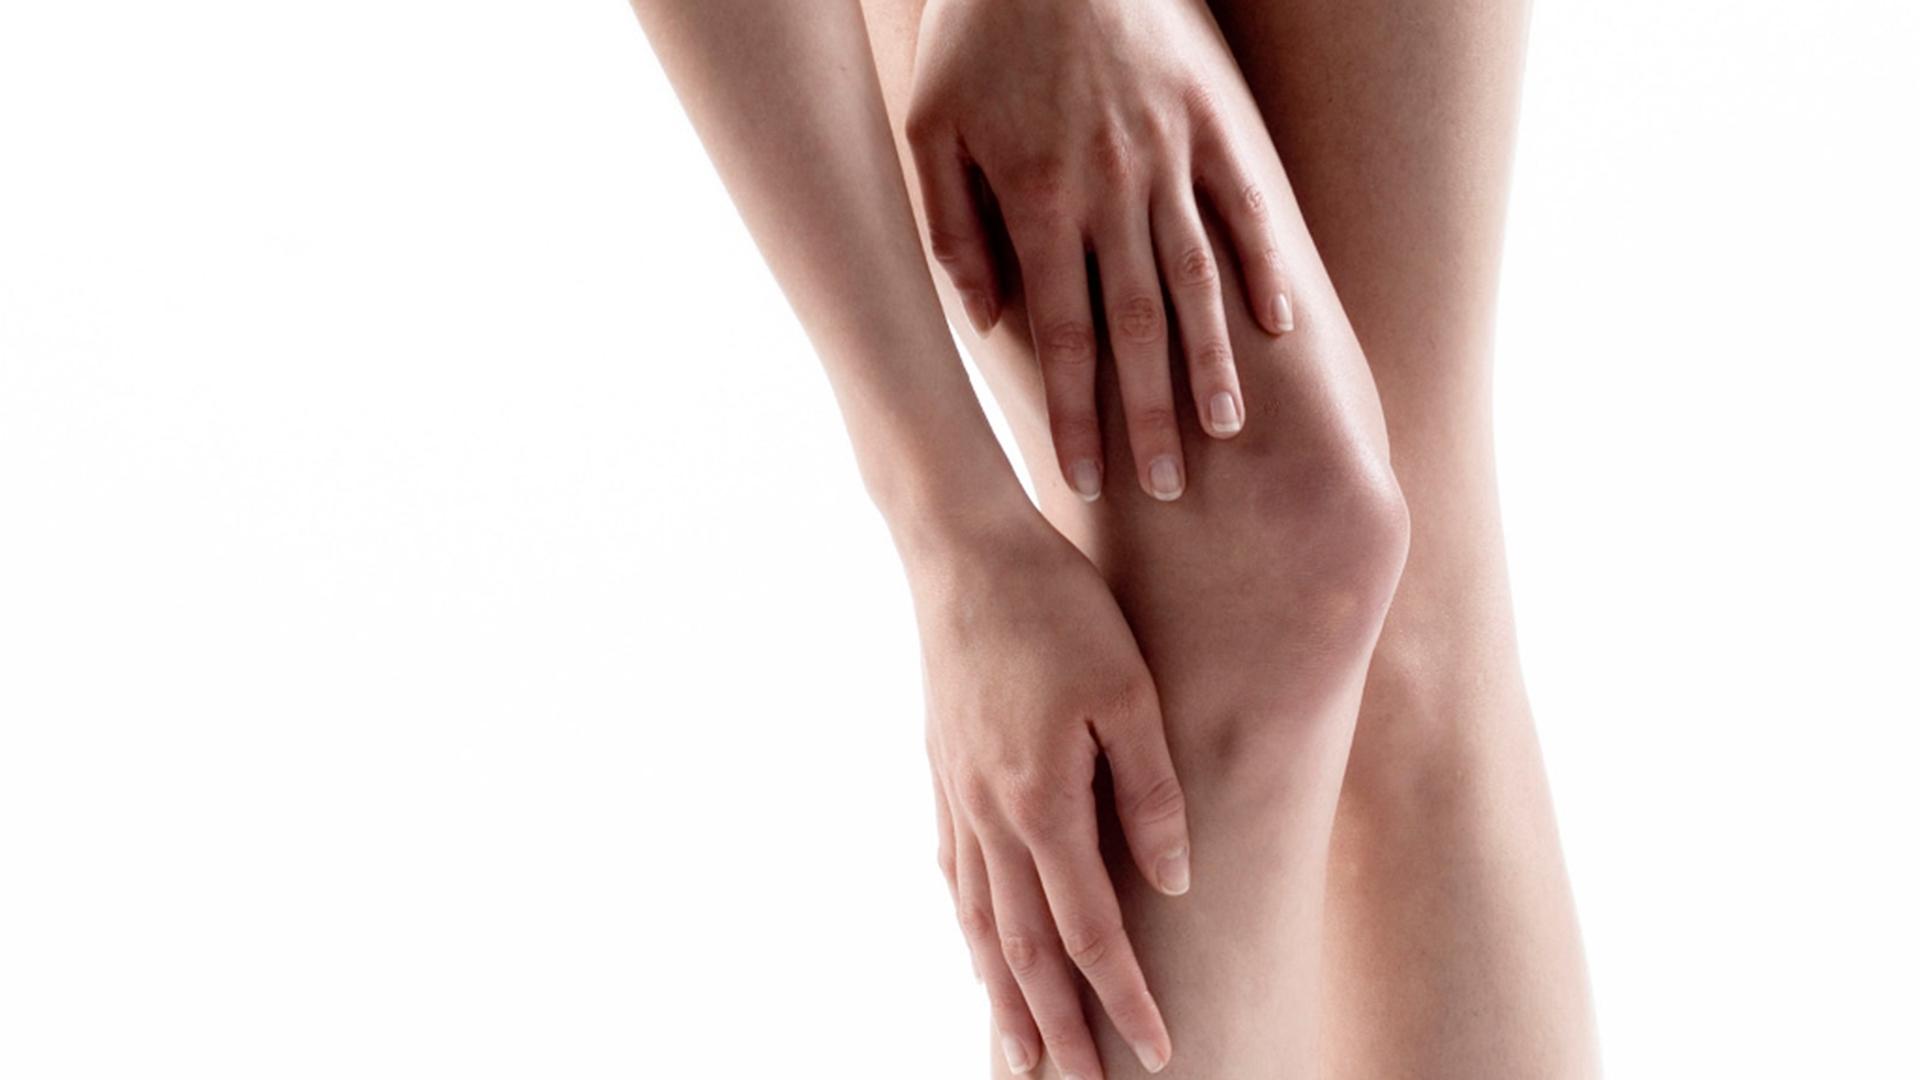 artrita septica a genunchiului)